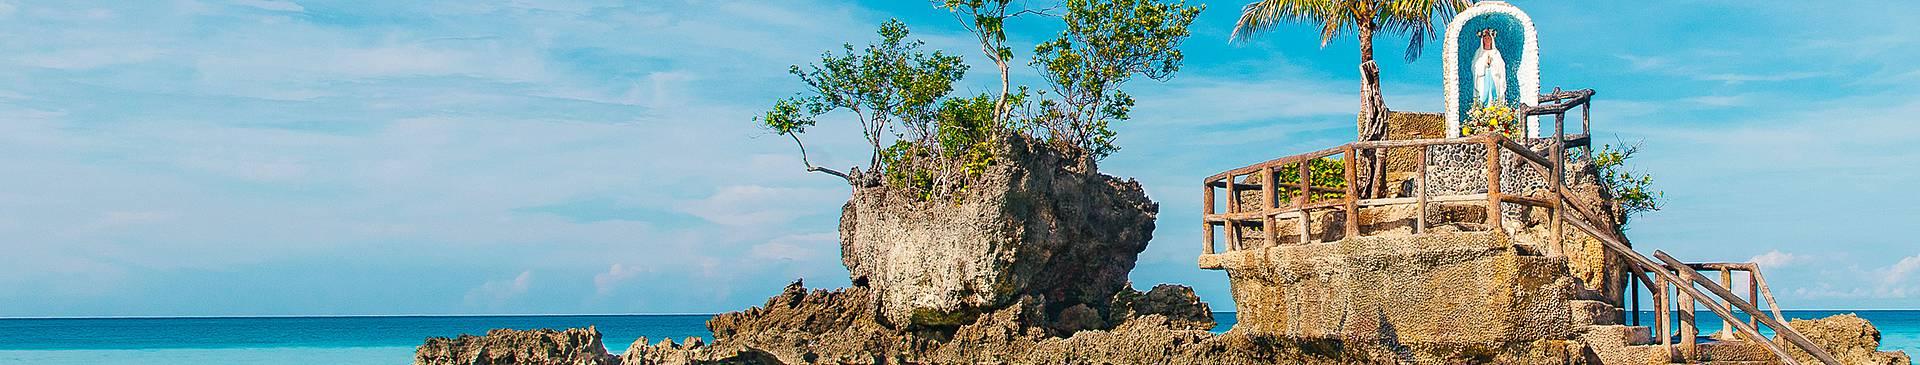 Viaggi nelle isole delle Filippine